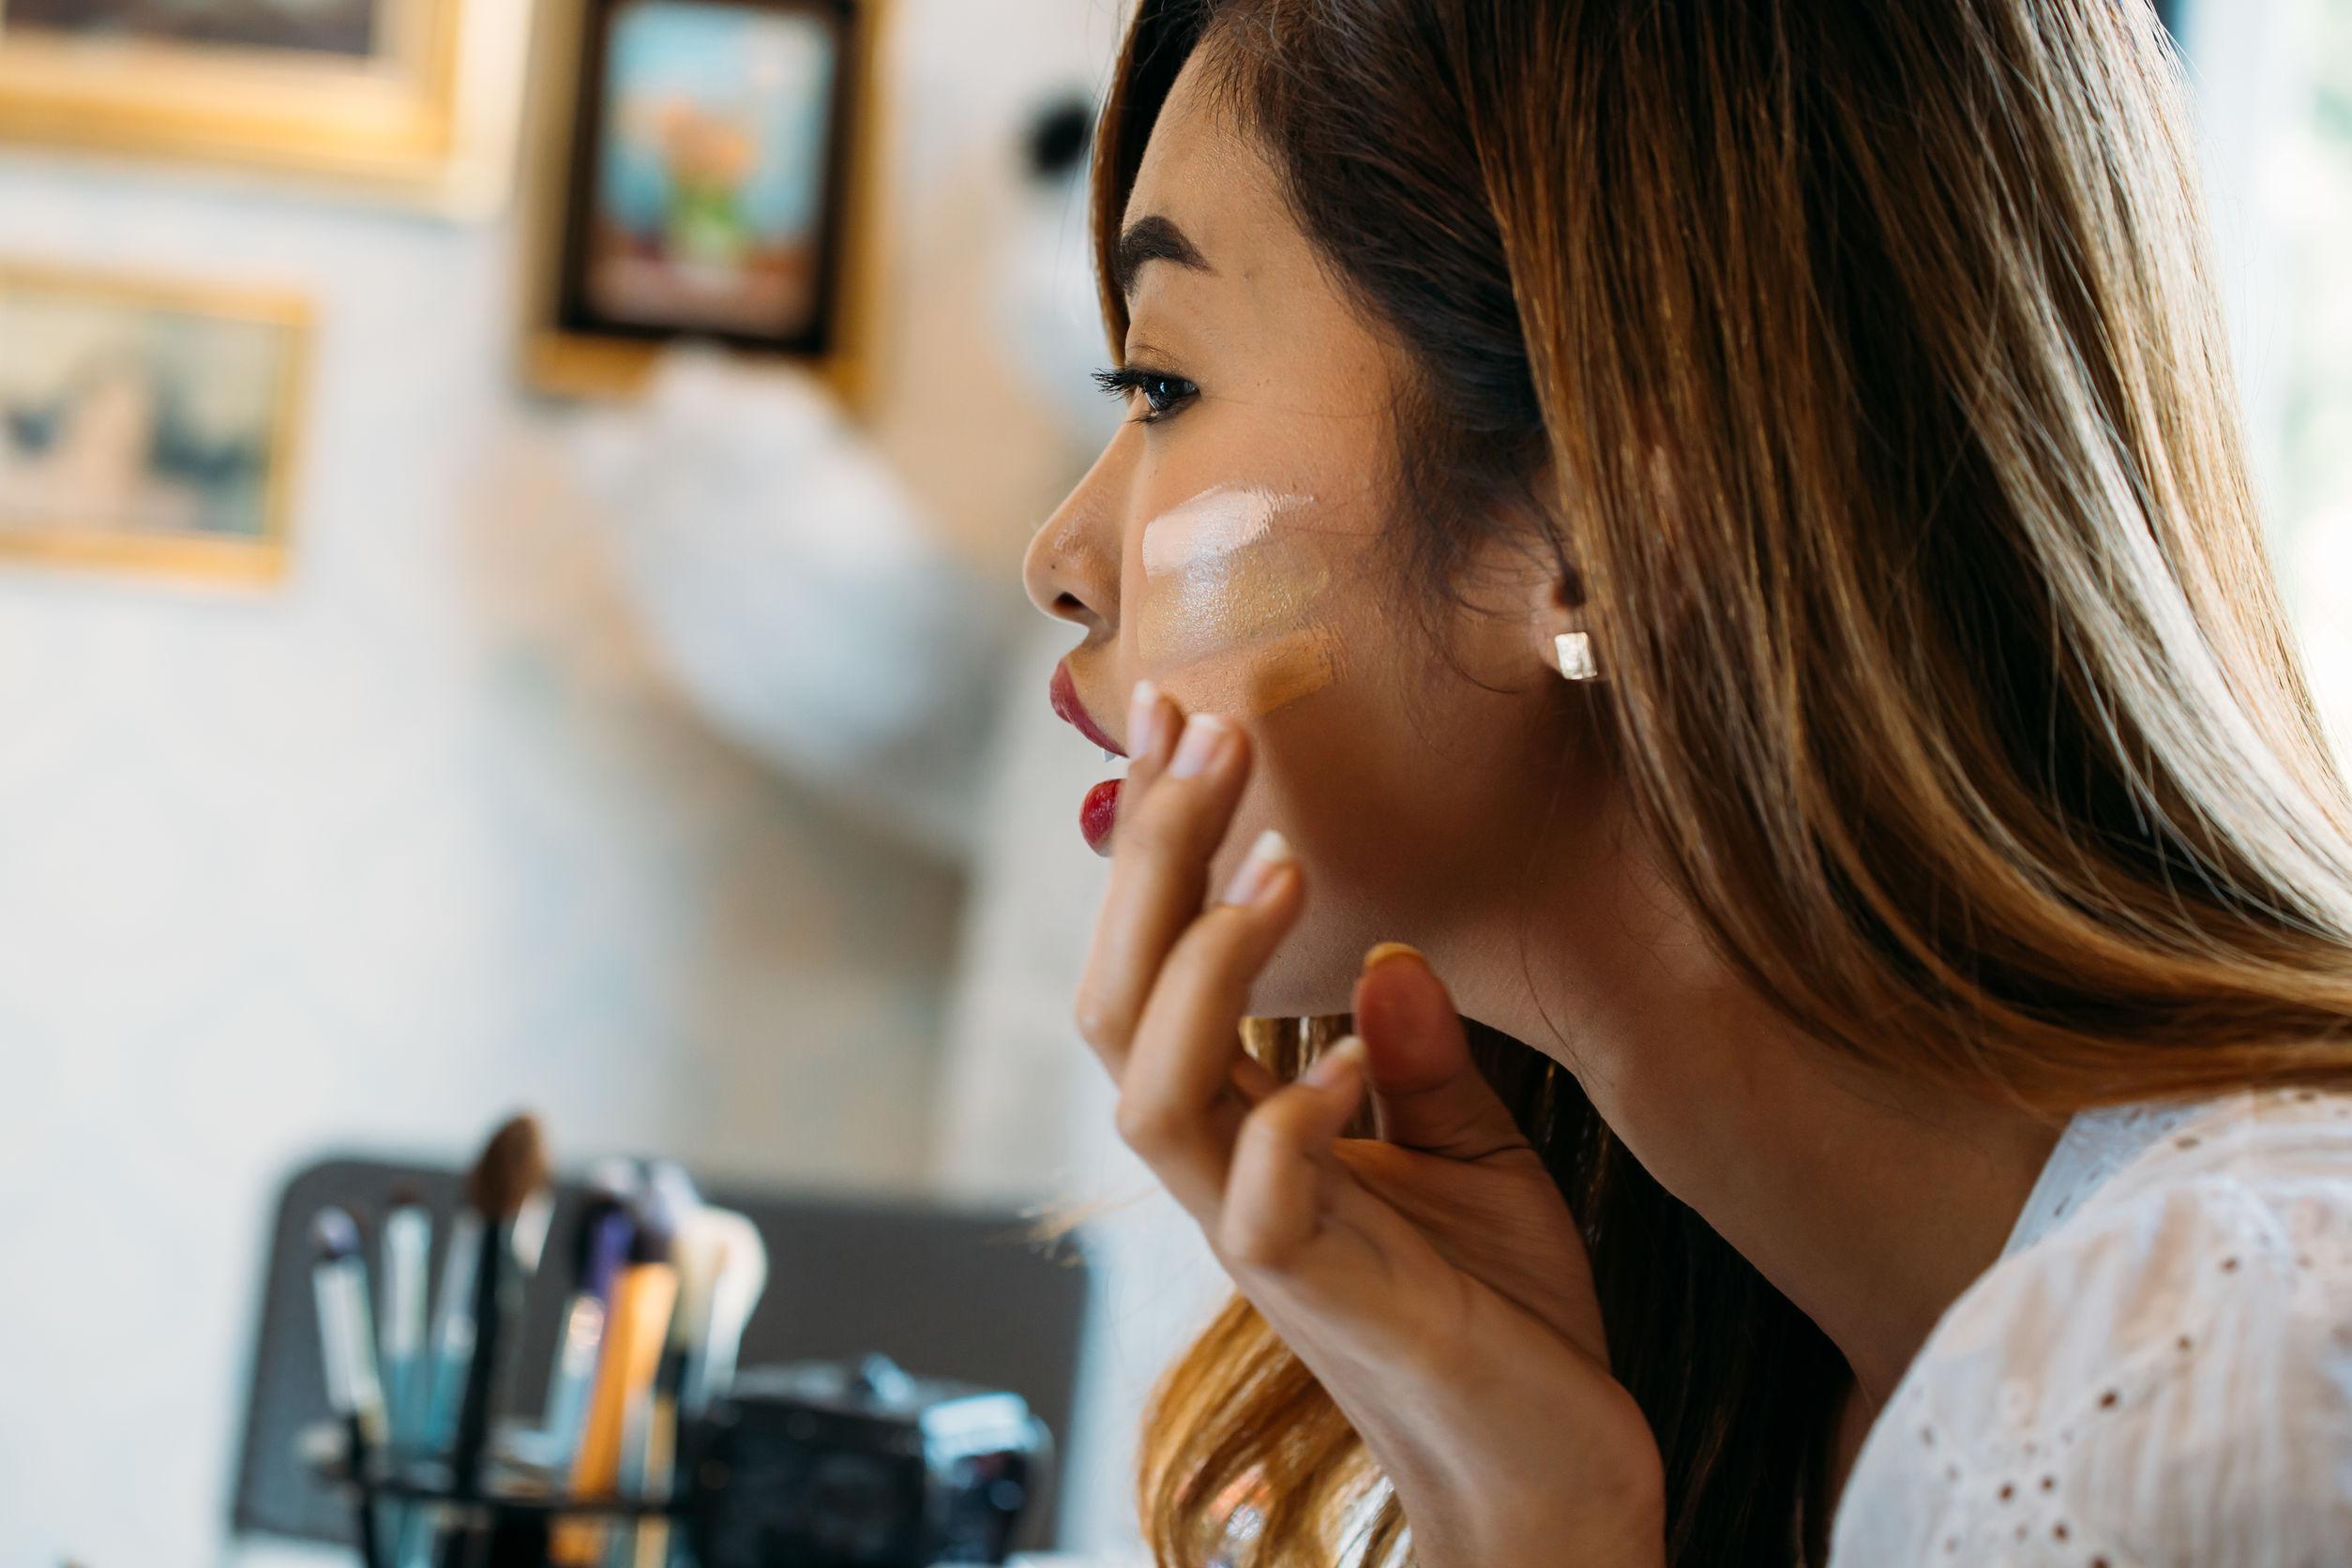 joven mujer asiática con labios rojos aplicando corrector en la cara sobre fondo borroso